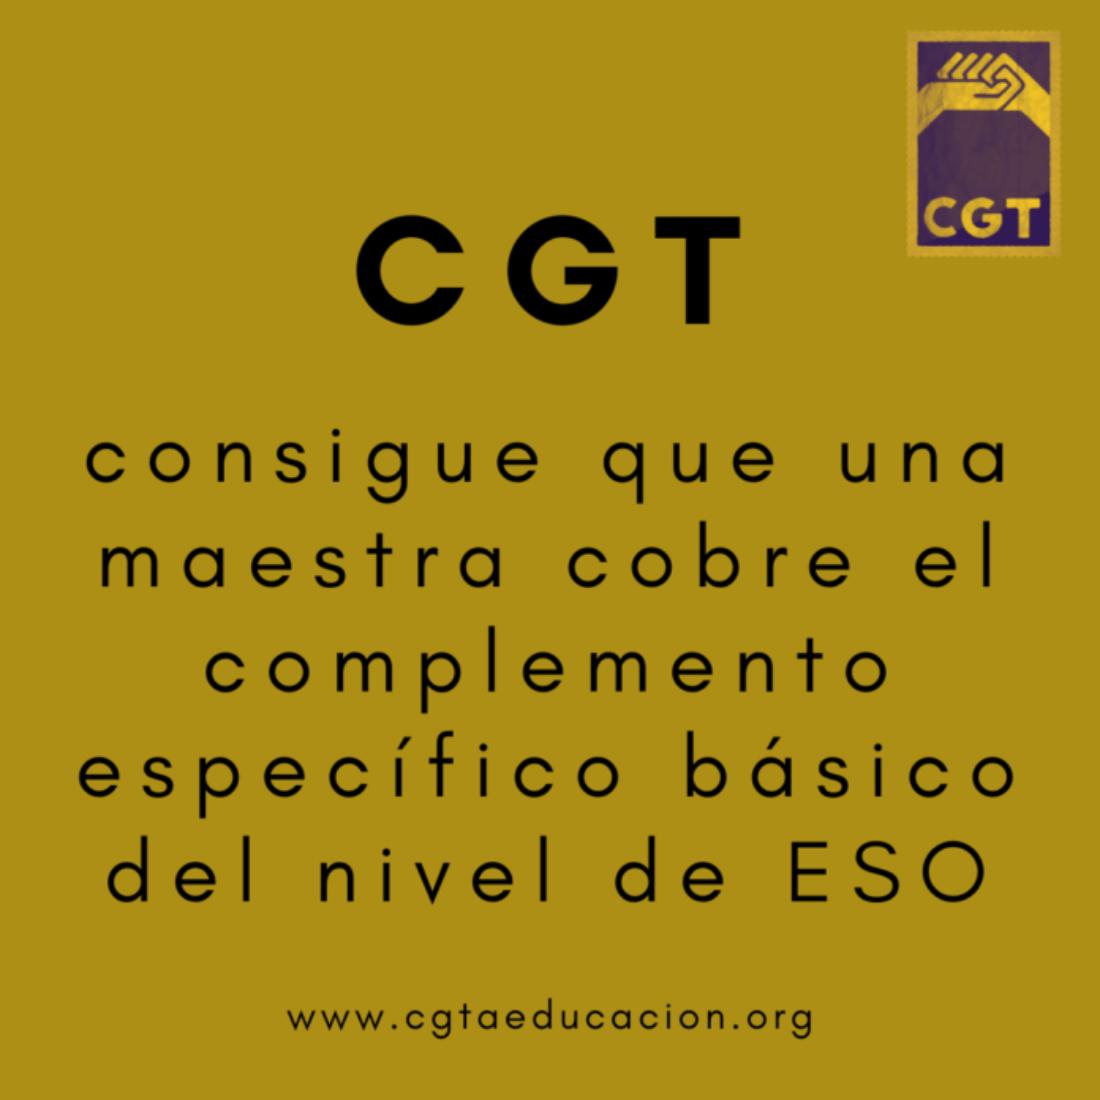 CGT consigue que una maestra cobre el complemento específico básico del nivel de ESO